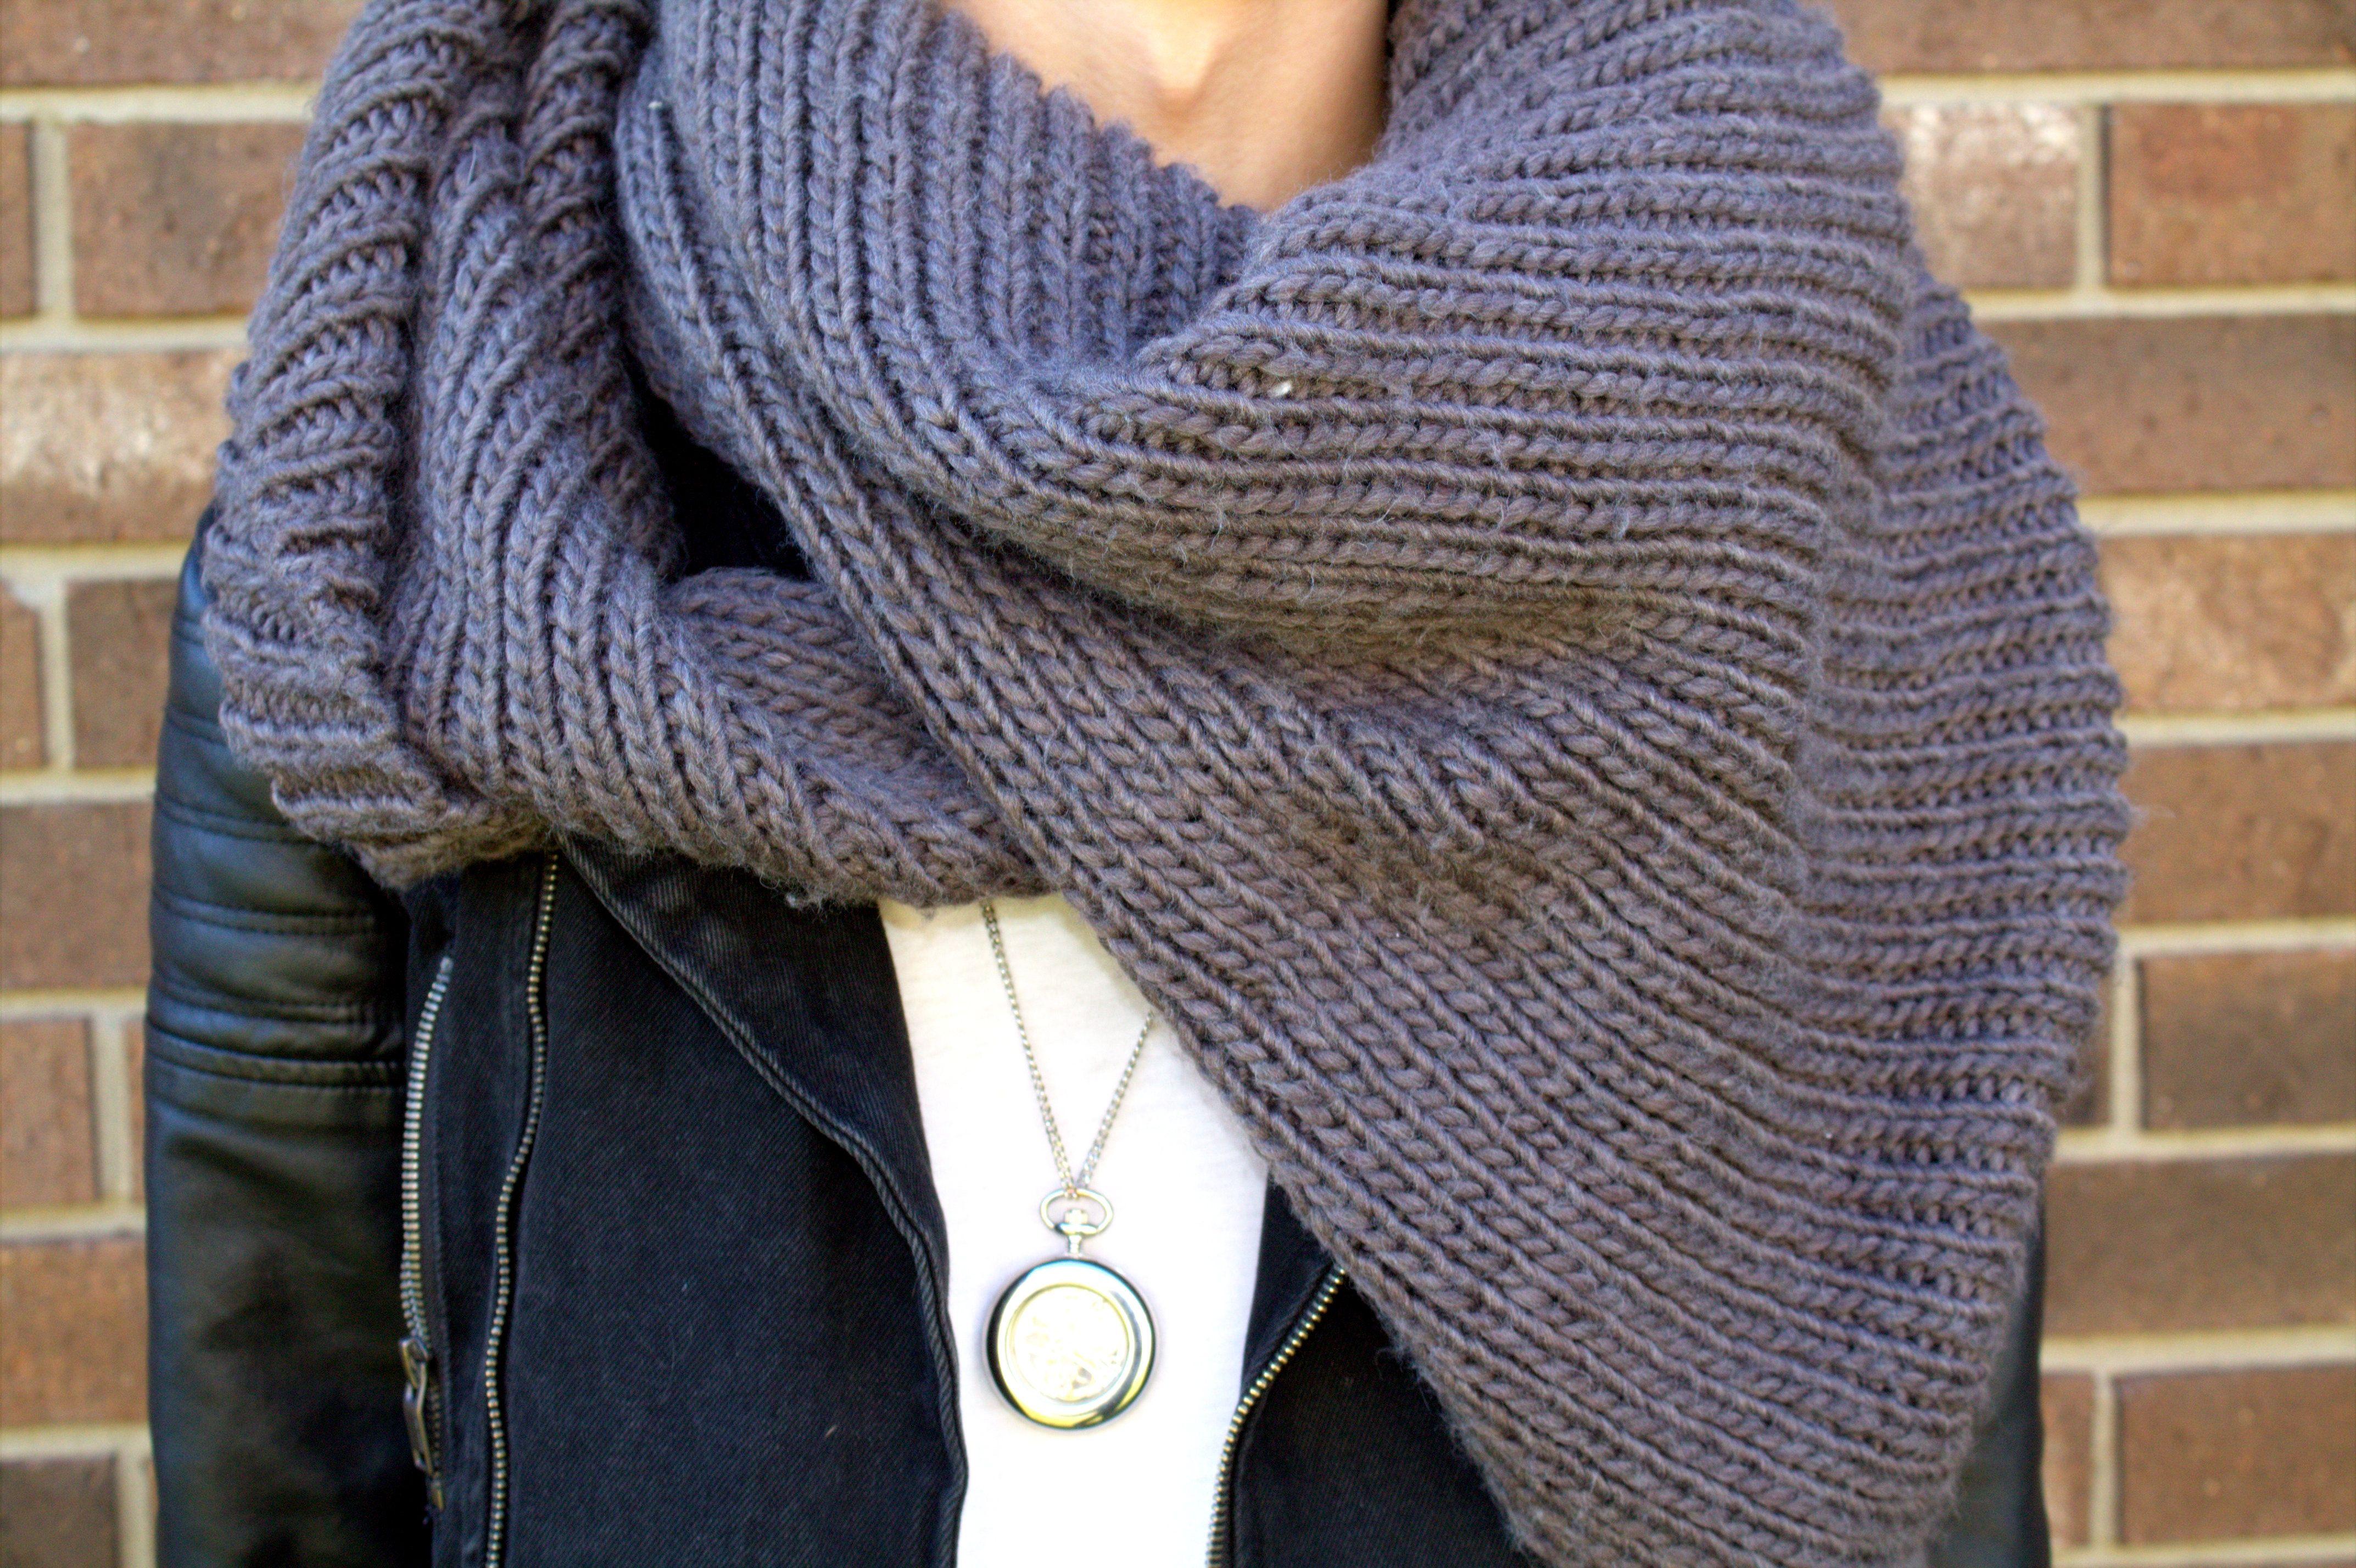 Chunky Knit Scarf & Pocket-watch Necklace